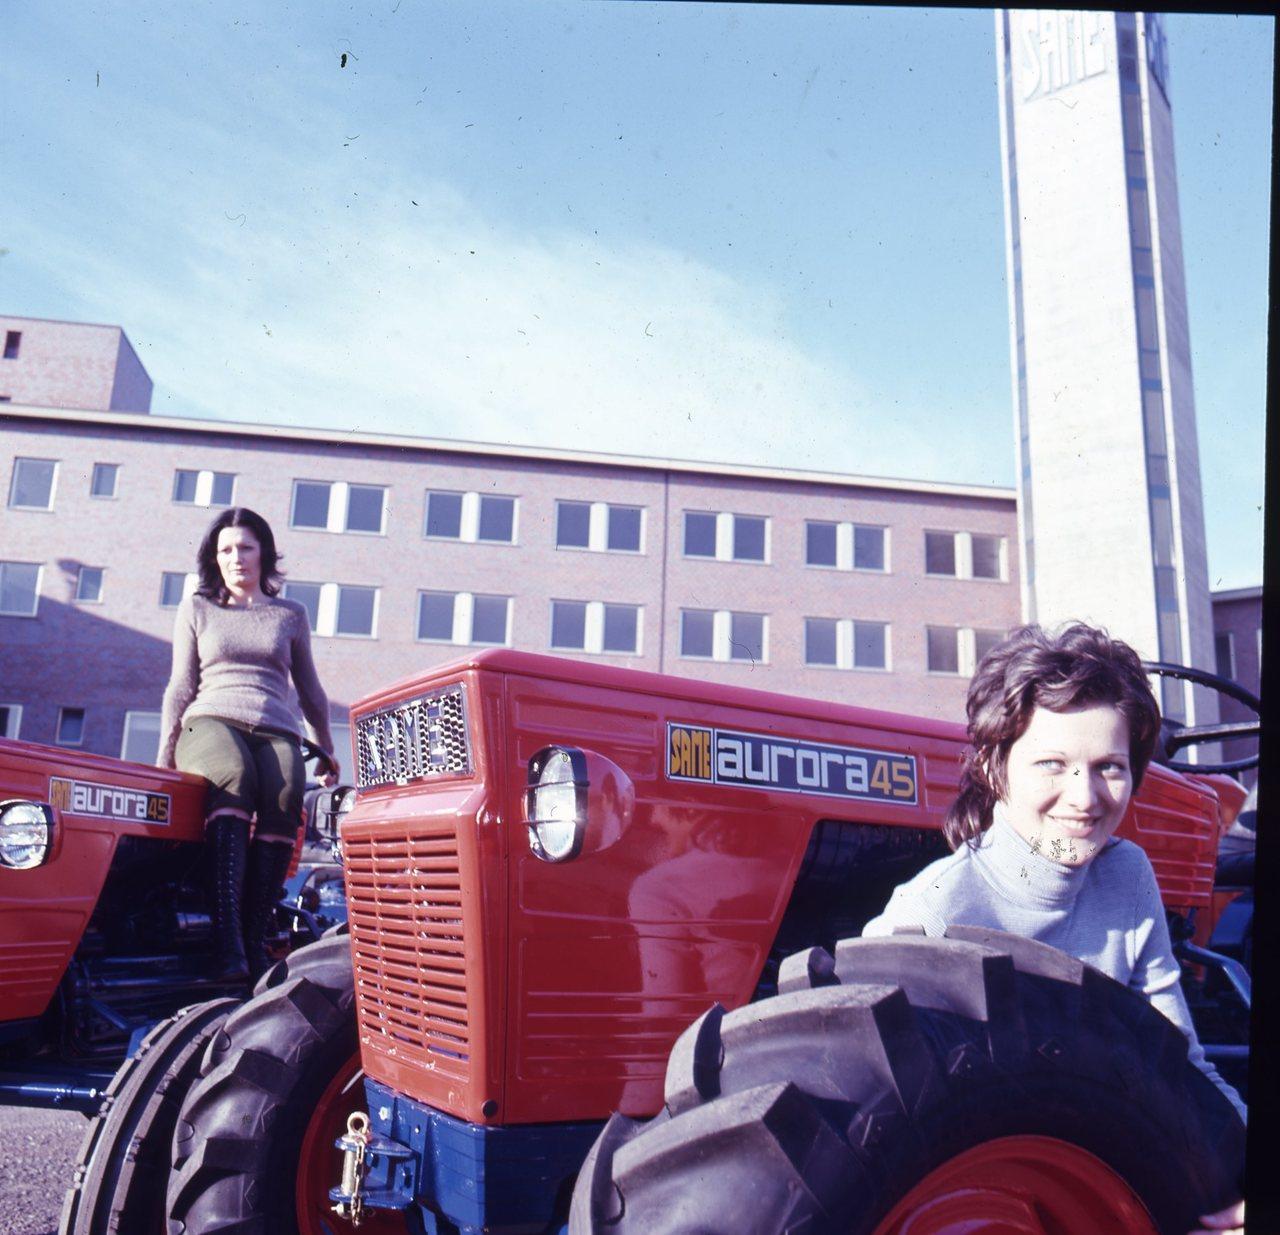 [SAME] Aurora 45 con ragazze - Treviglio, 20/11/1971